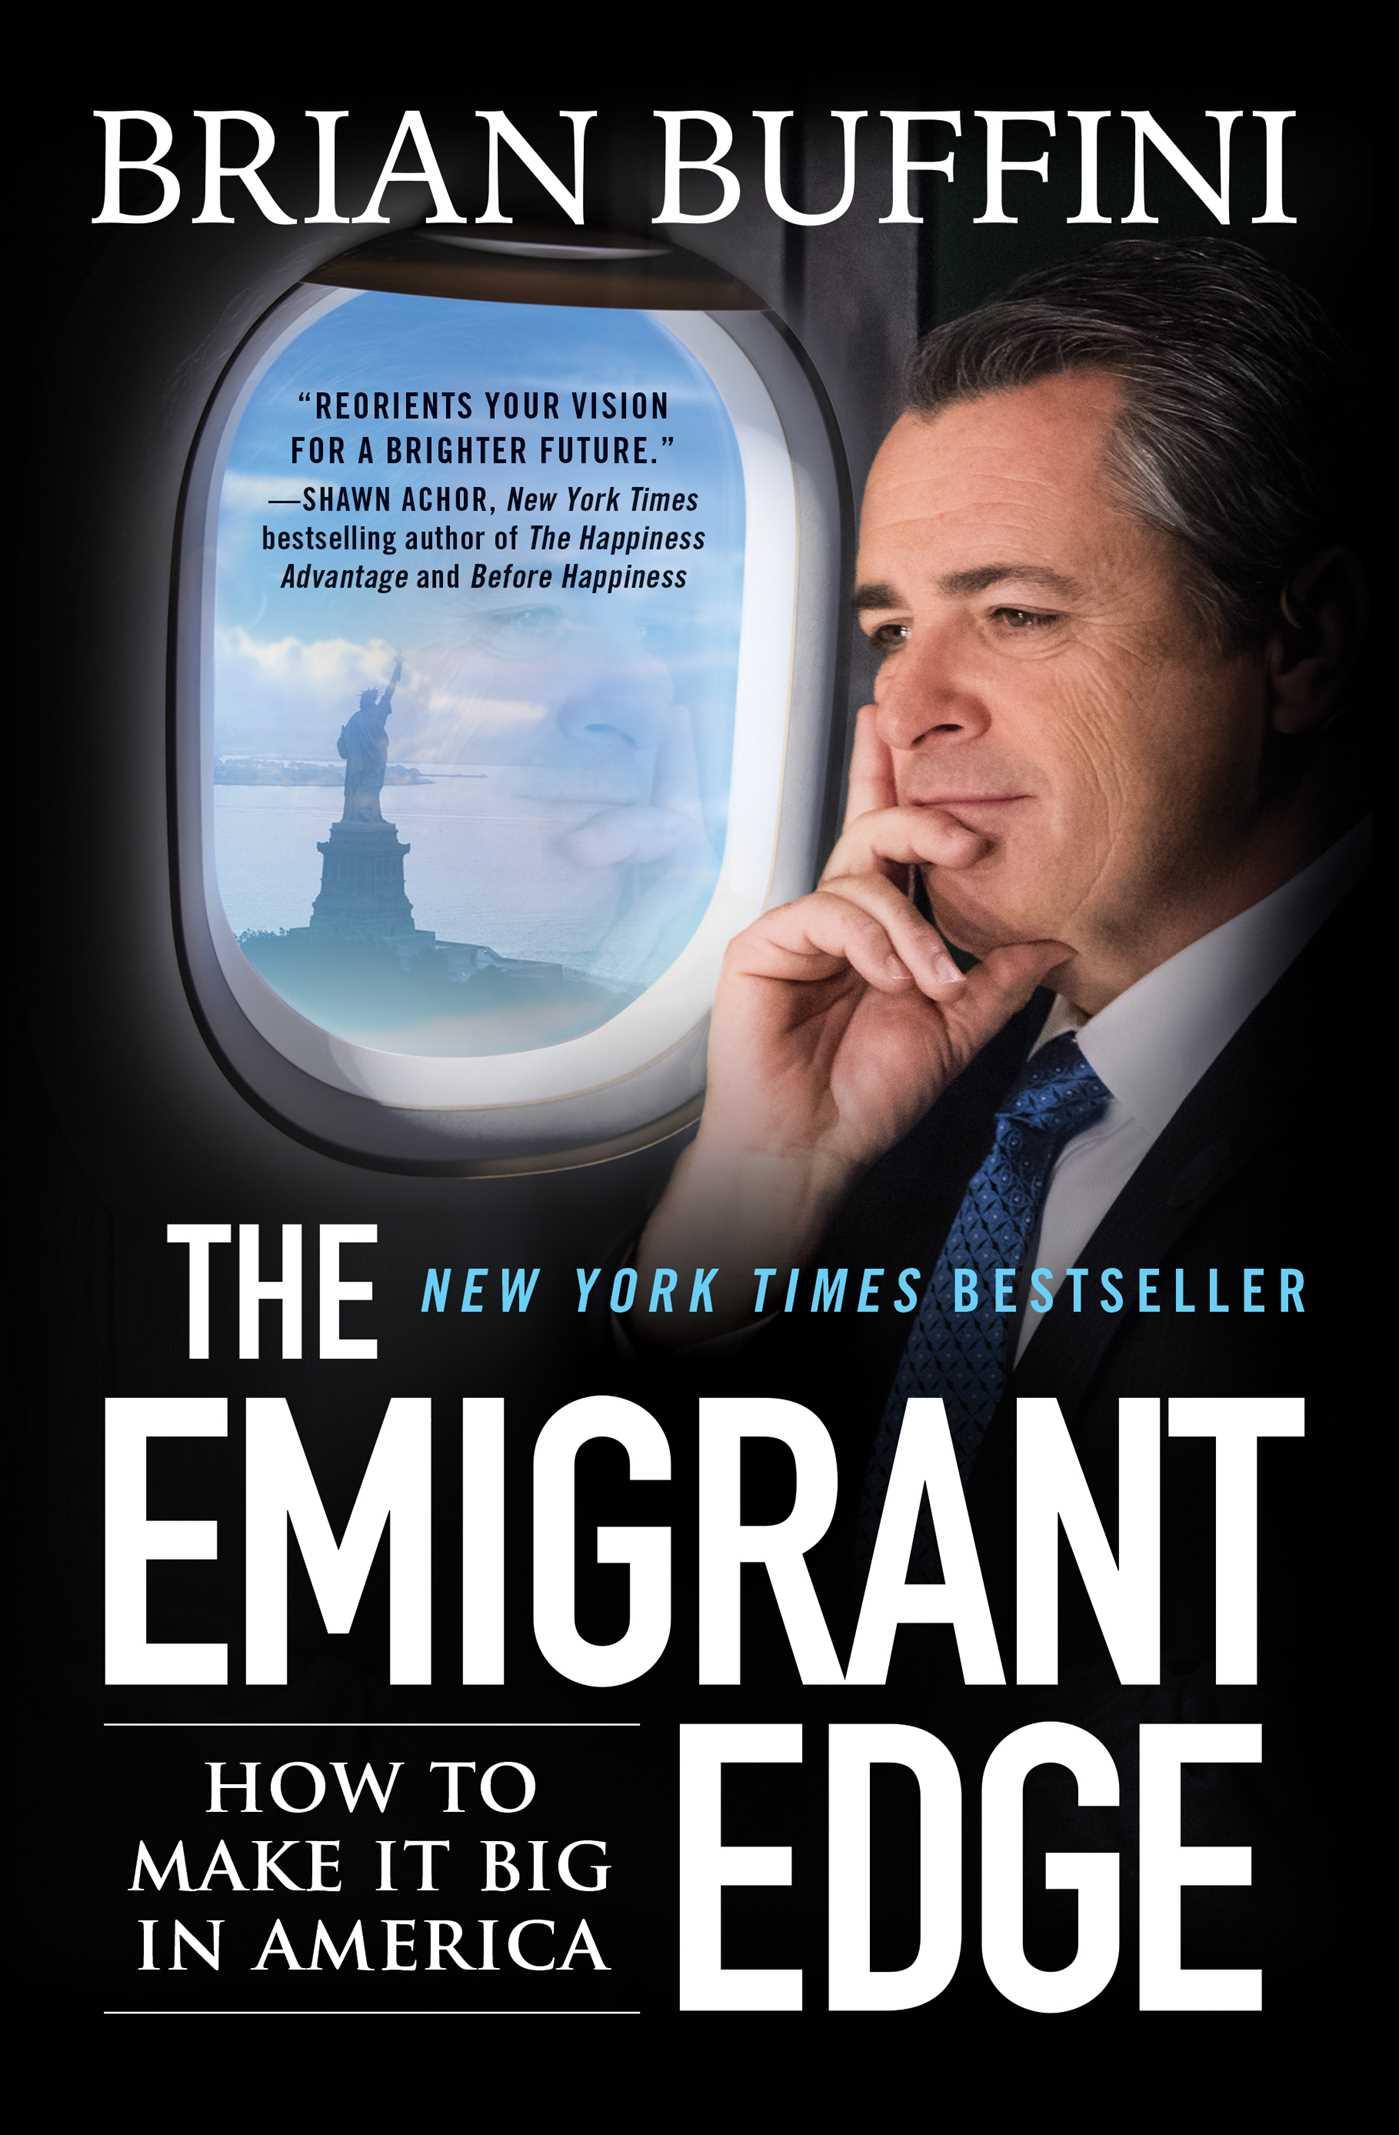 The emigrant edge 9781501169274 hr